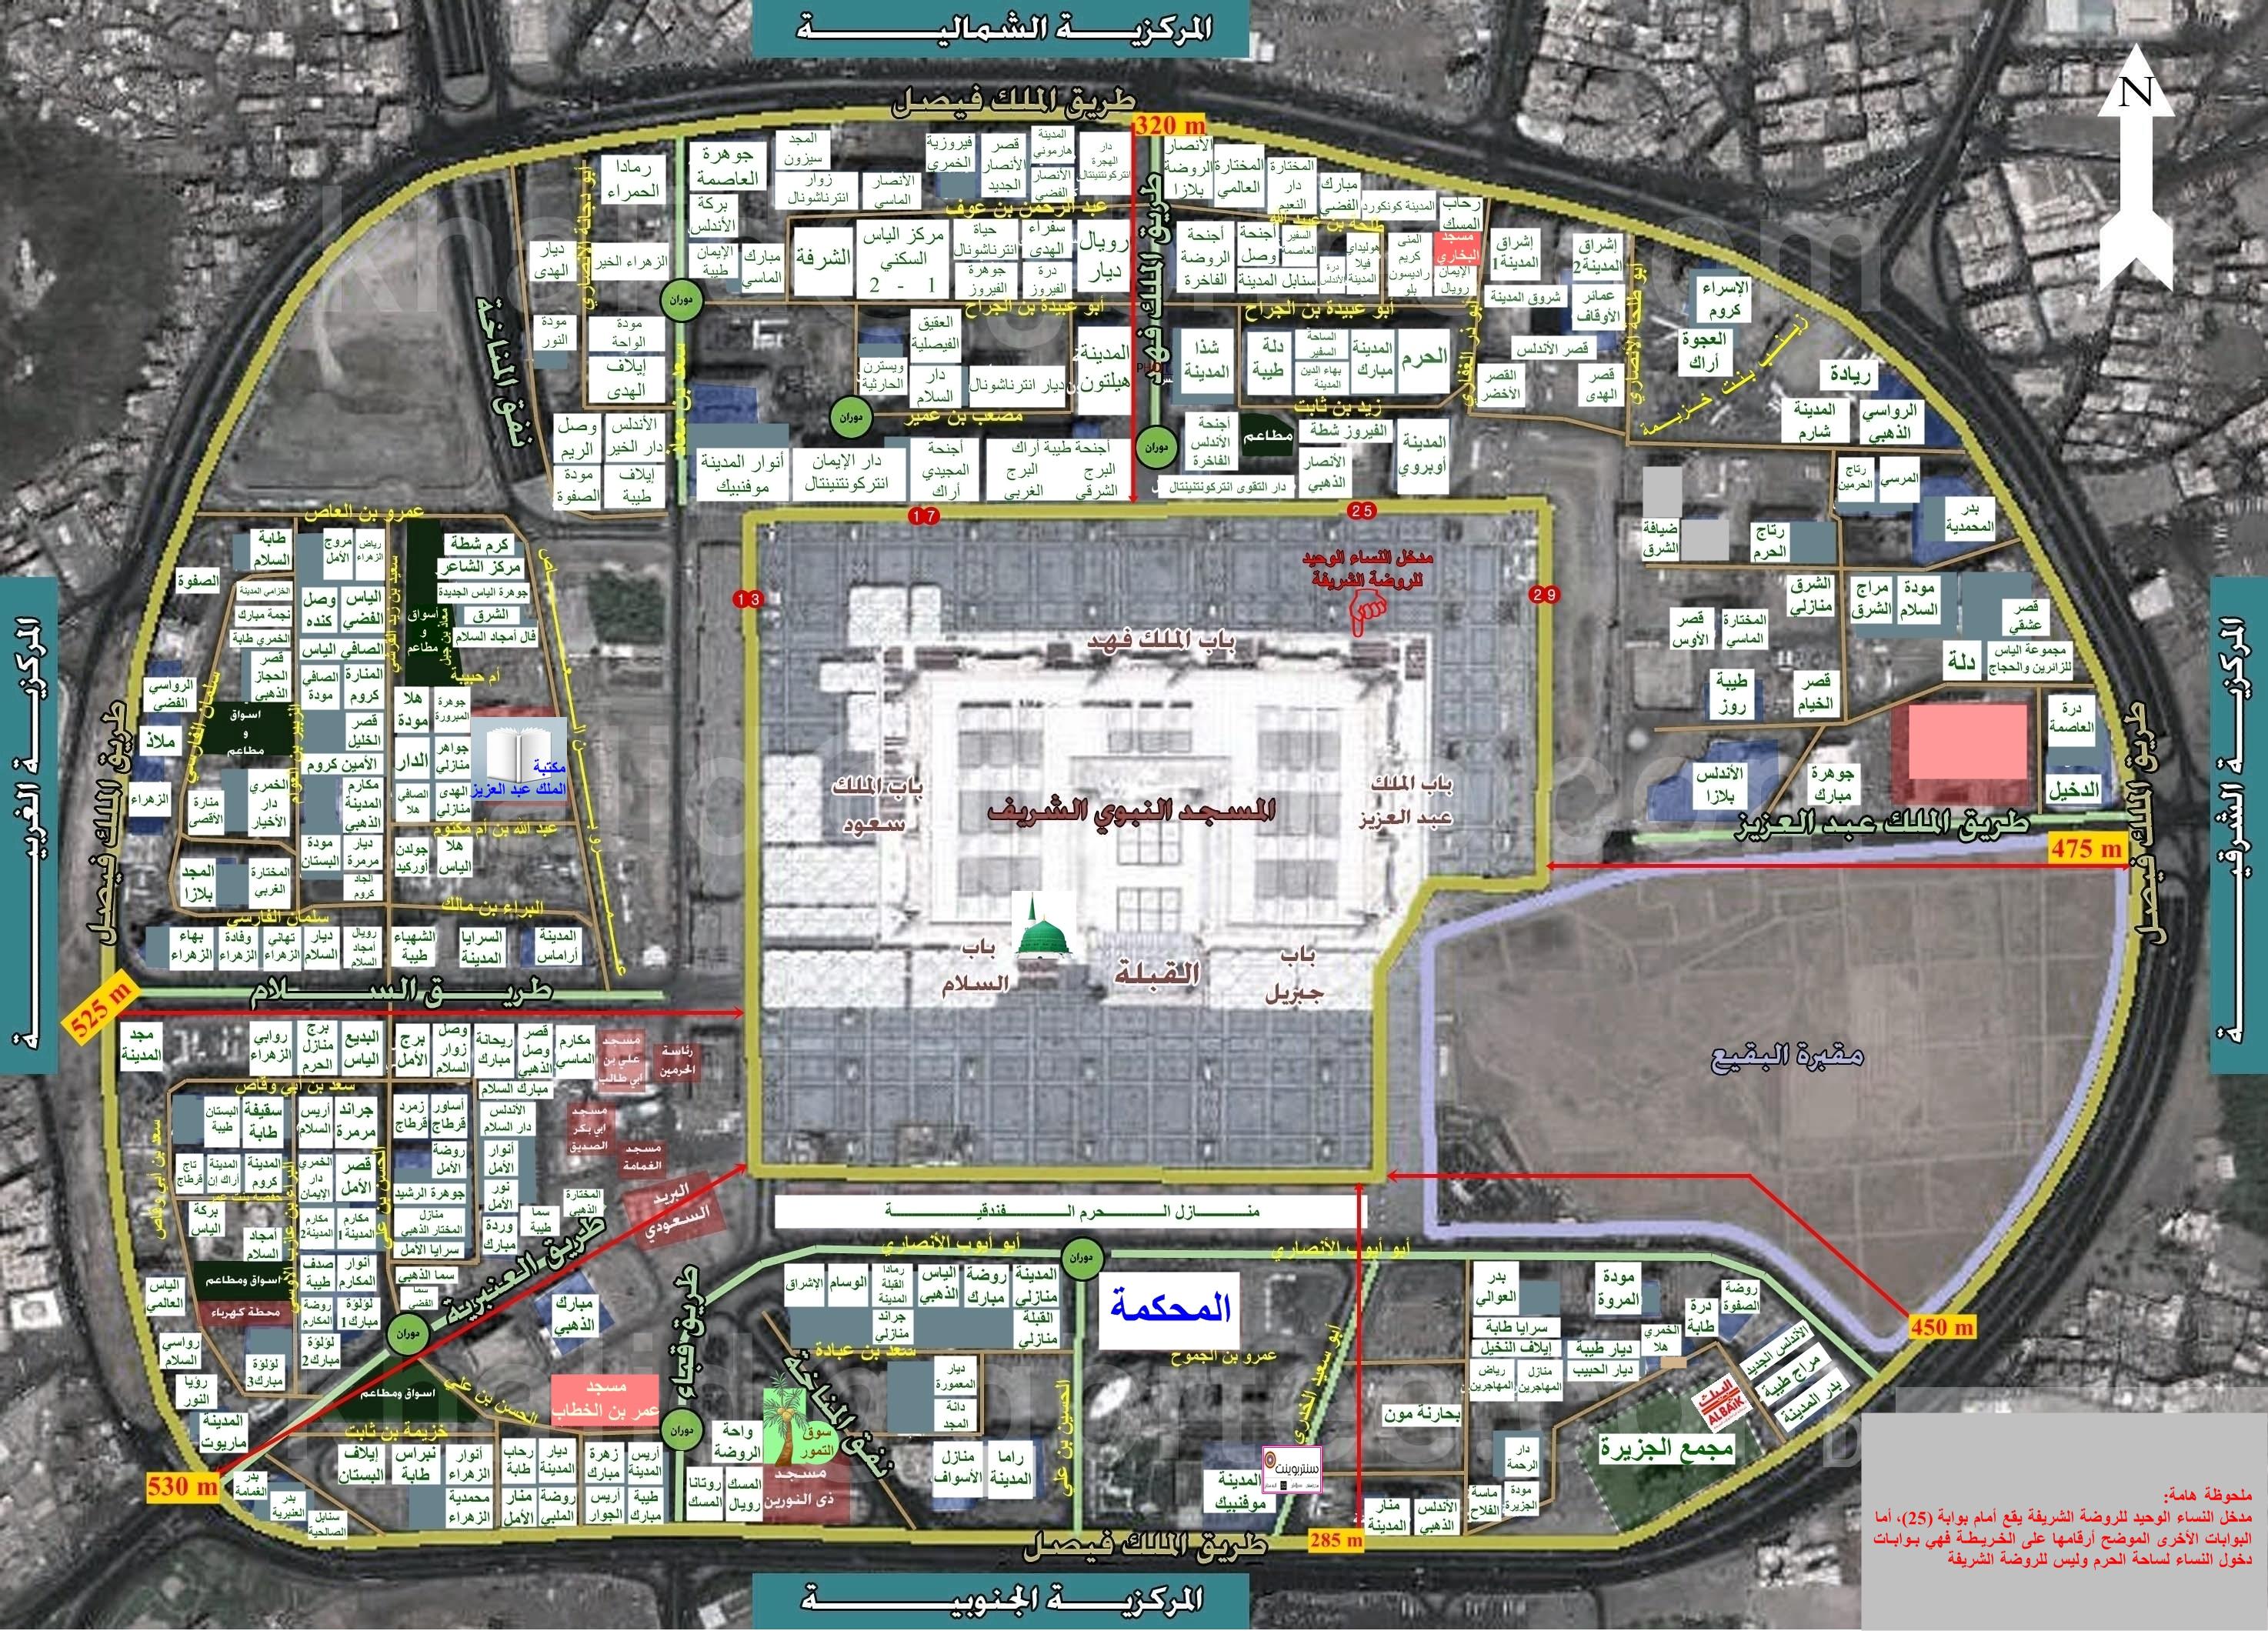 بعض الفنادق القريبة من الحرم النبوي الشريف بالمدينة المنورة 61270alsh3er